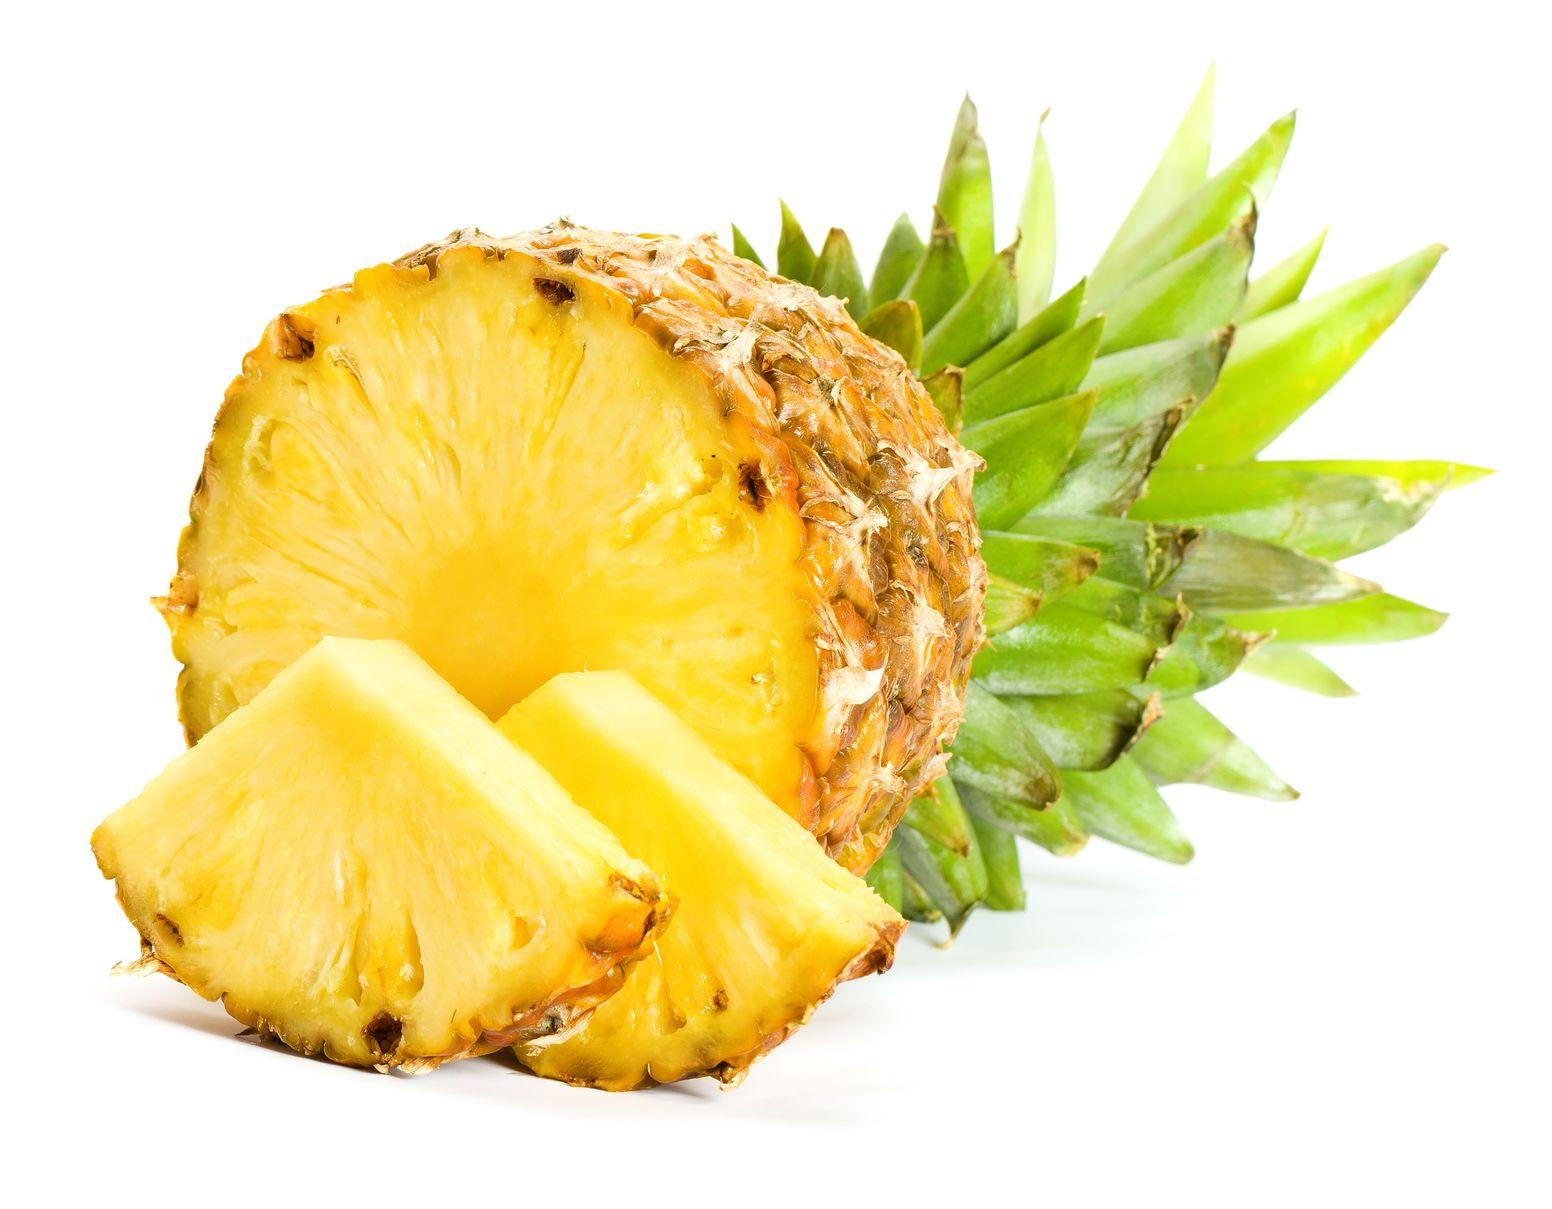 Bromelain, Pineapple Extract, and Modern Immunomodulator